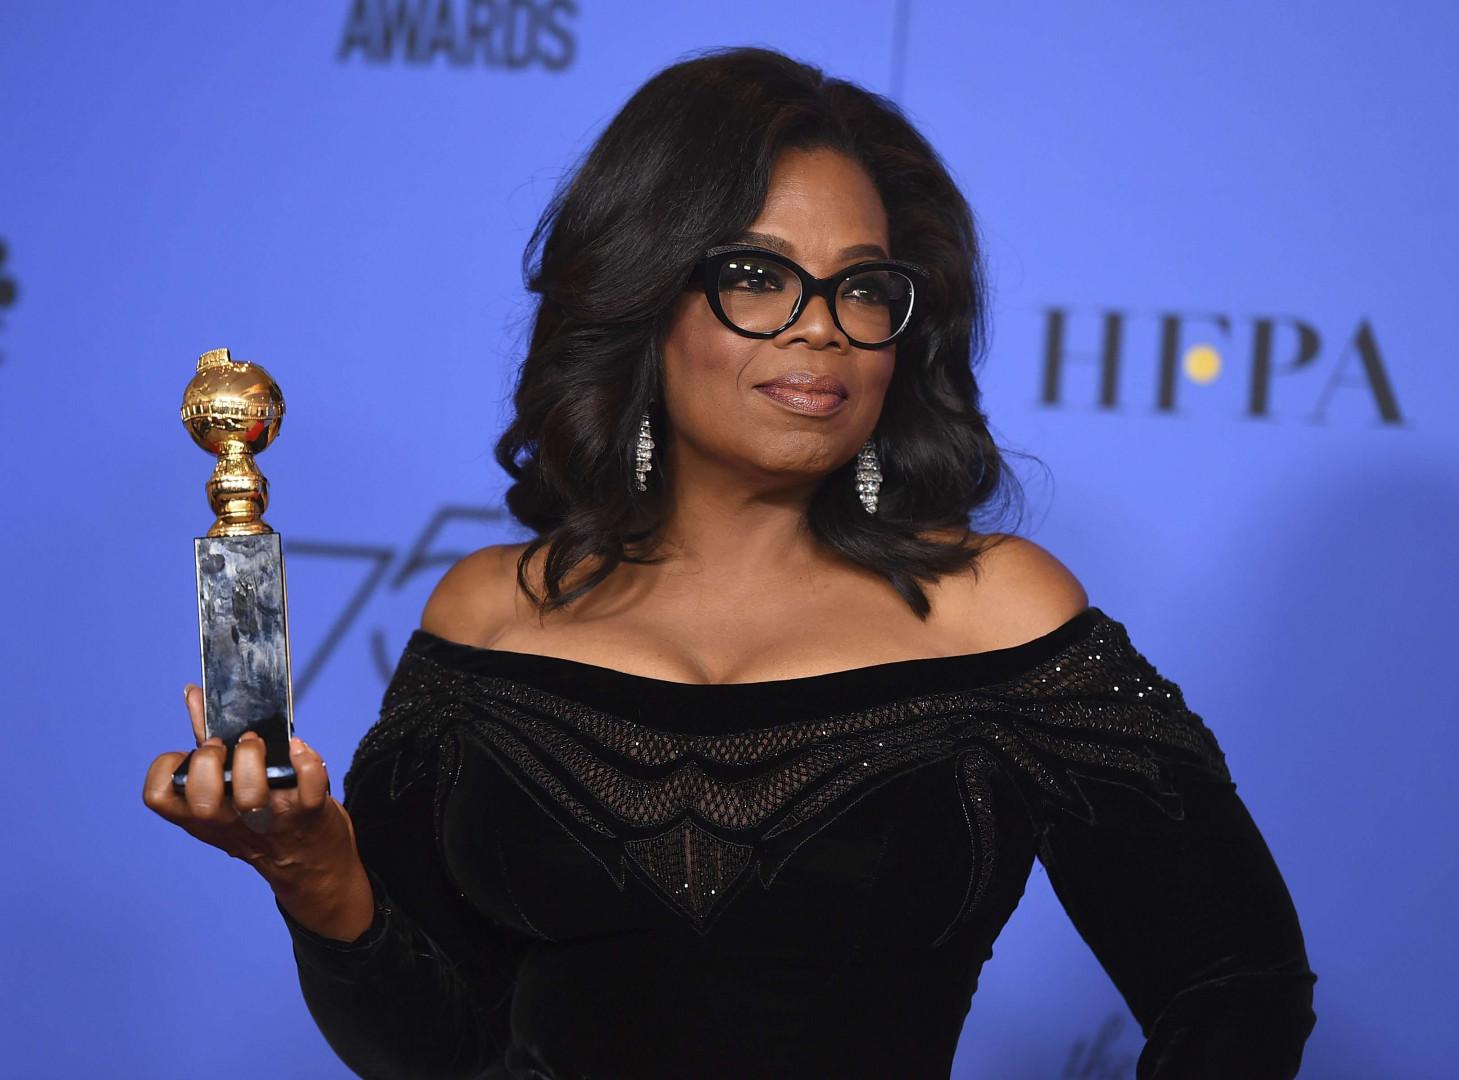 """Oprah Winfrey, papesse de la télévision aux allures de présidente : """"Je veux le dire à toutes les filles qui m'écoutent : un nouveau jour est à l'horizon""""."""